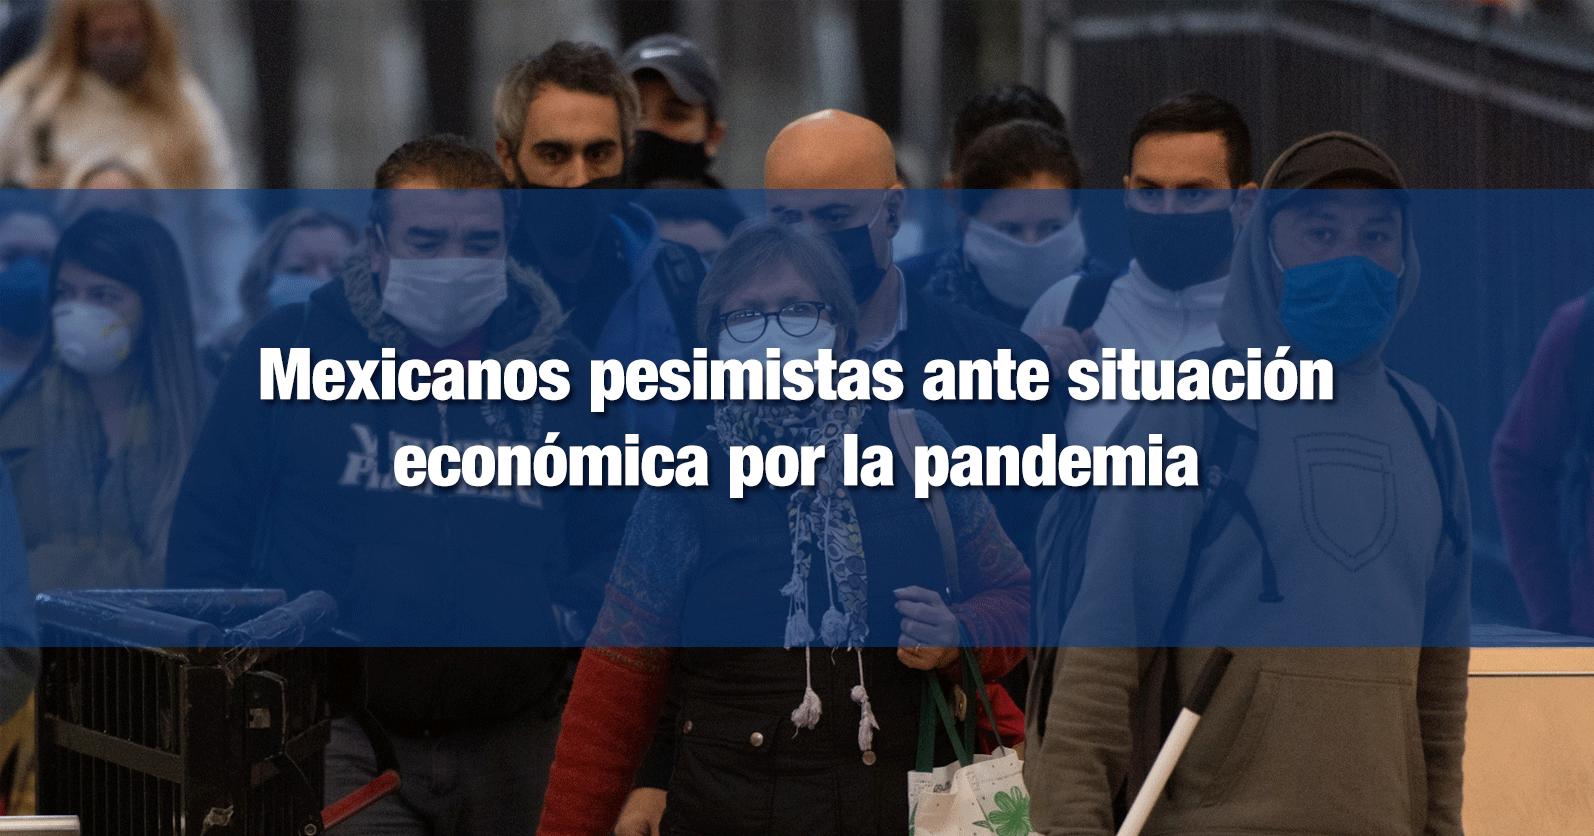 Mexicanos pesimistas ante situación económica por la pandemia